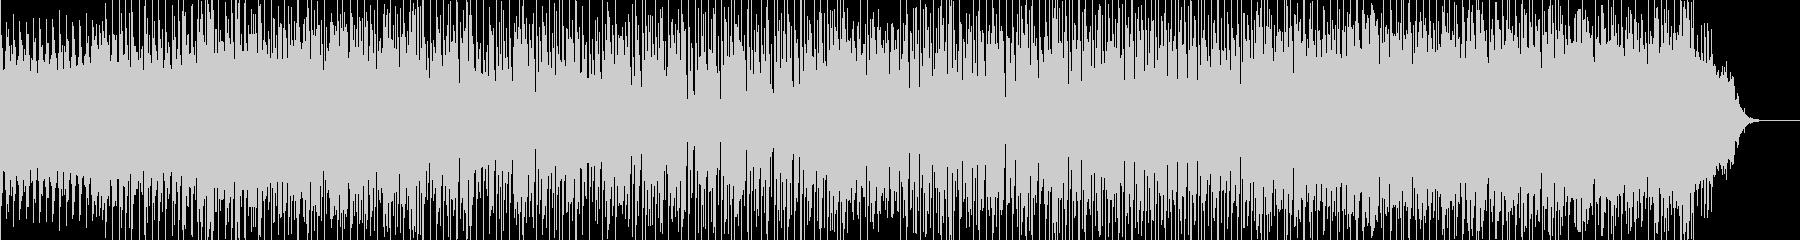 16分刻みのコード進行が印象的なBGMの未再生の波形